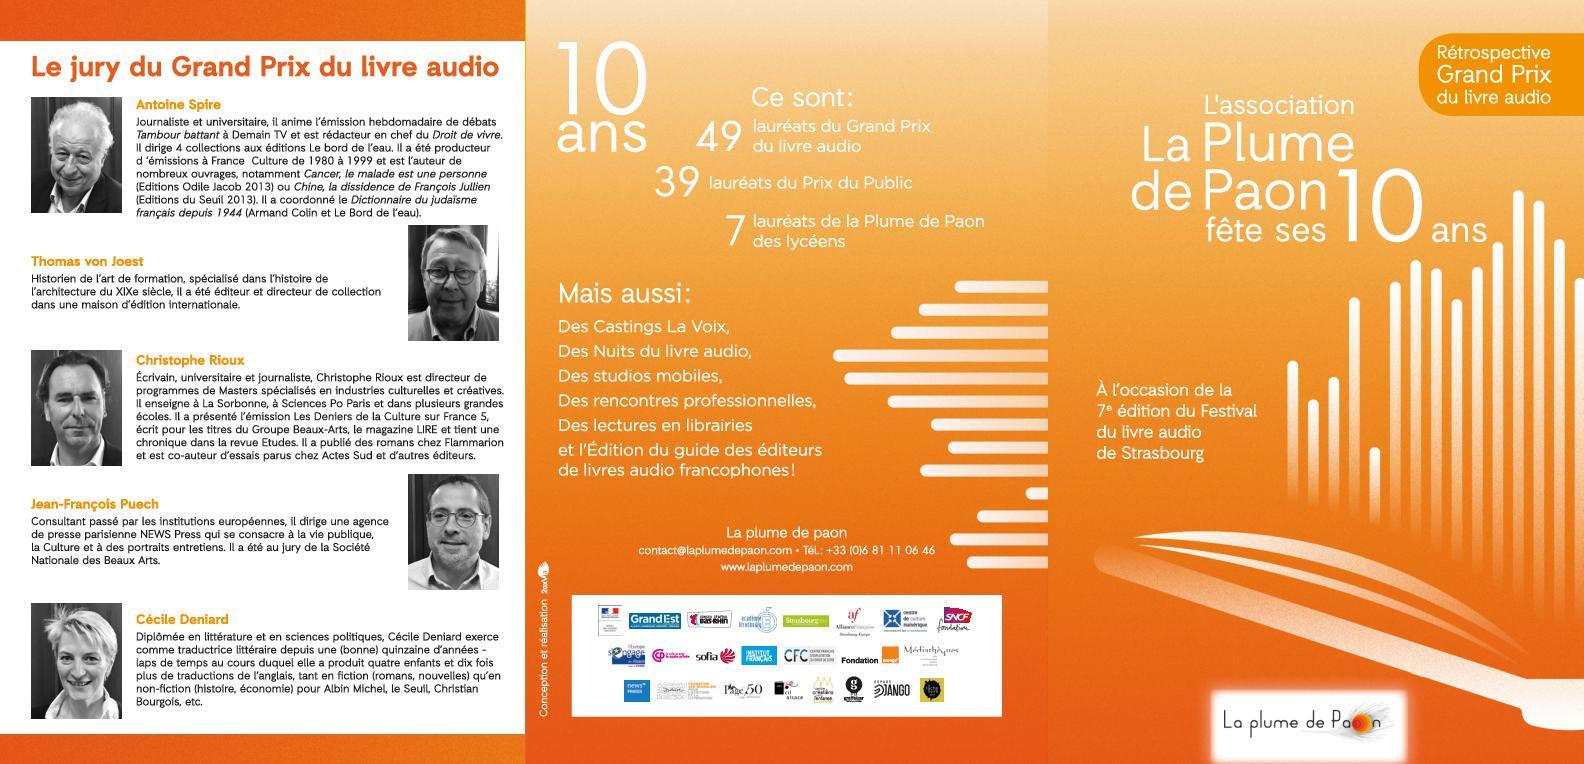 Calameo Laureats Du Grand Prix Du Livre Audio 2009 2019